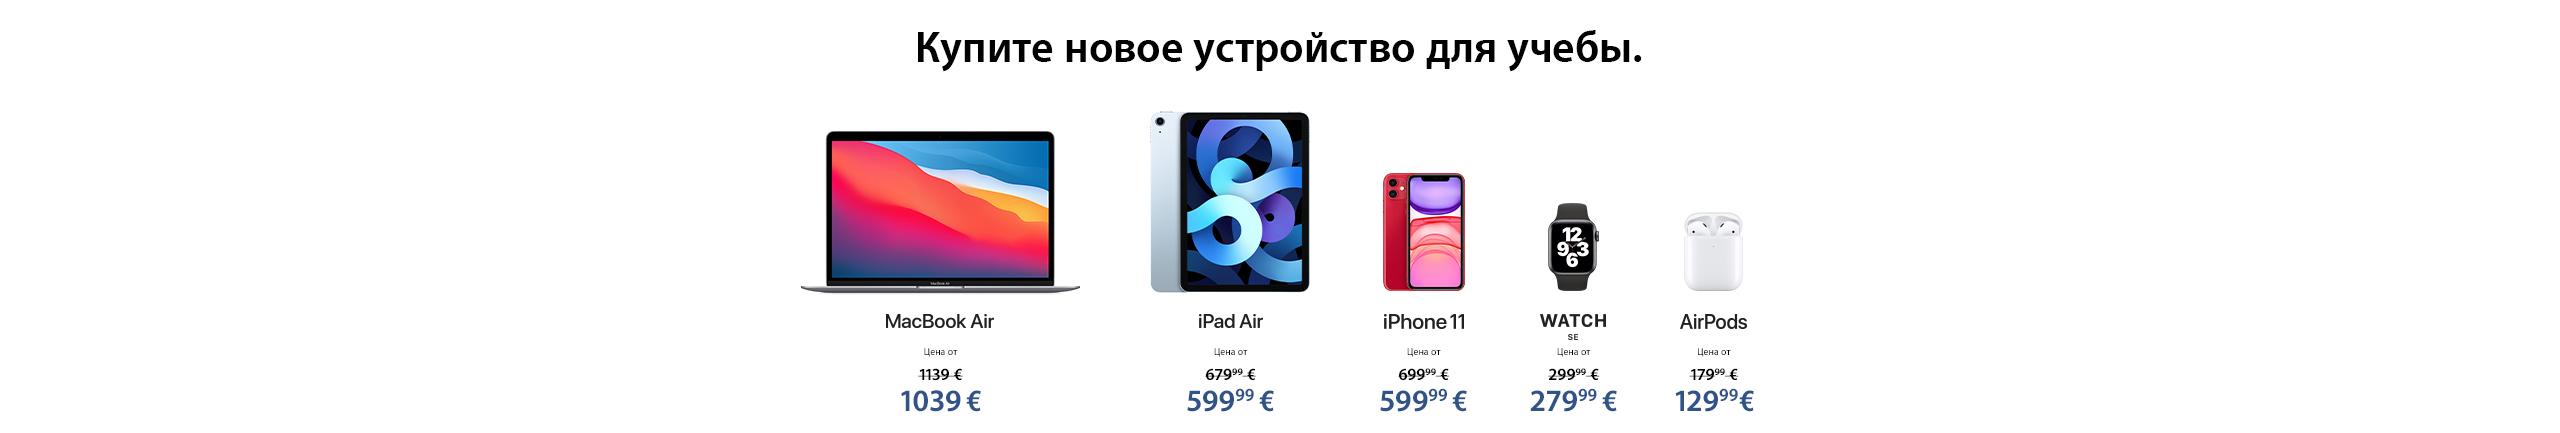 Cпециальное предлощение Apple. Купите новое устройство для учебы.